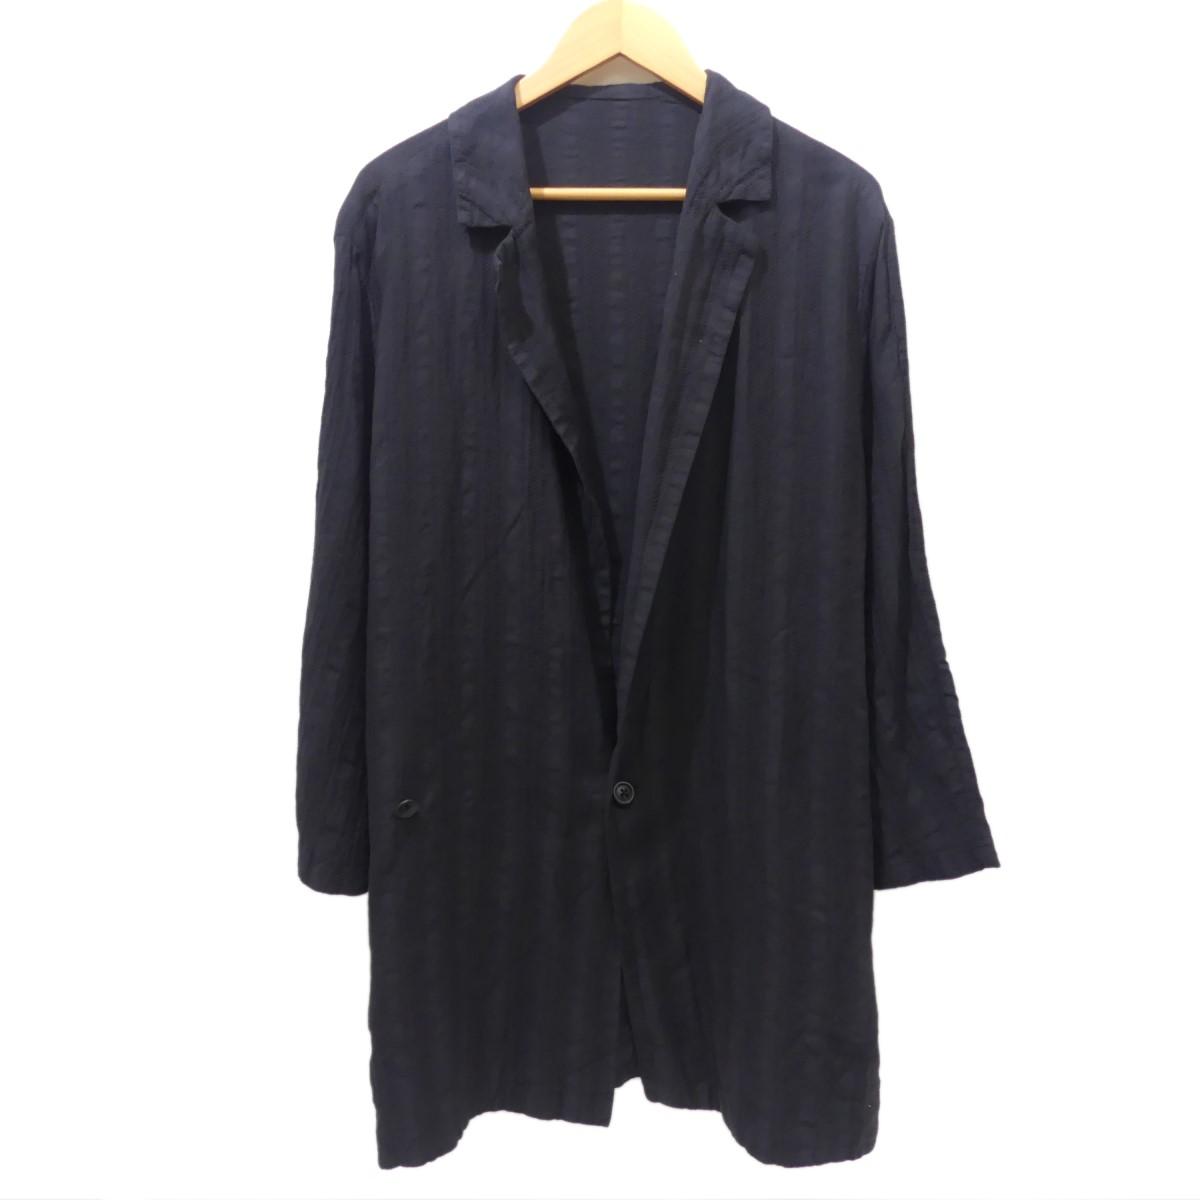 【中古】GEOFFREY B SMALLシャツジャケット ブラック サイズ:S/M 【8月17日見直し】